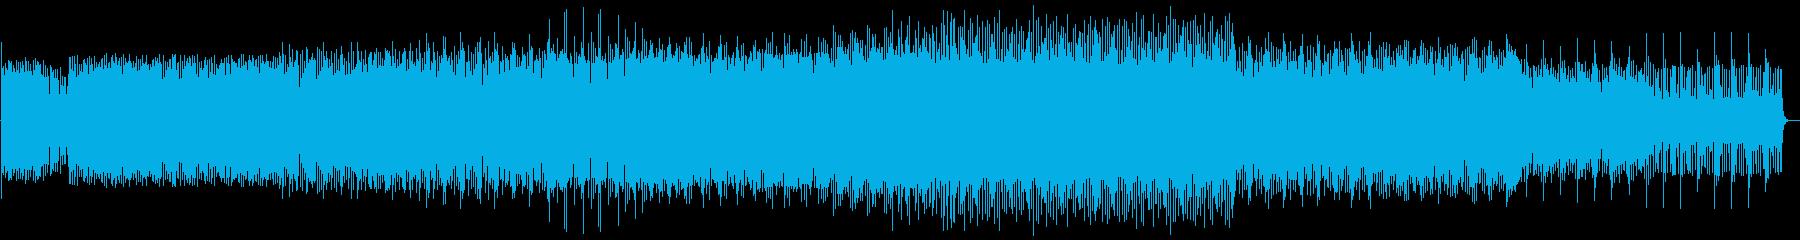 映像に、ミニマル、マリンバ、打楽器8重奏の再生済みの波形